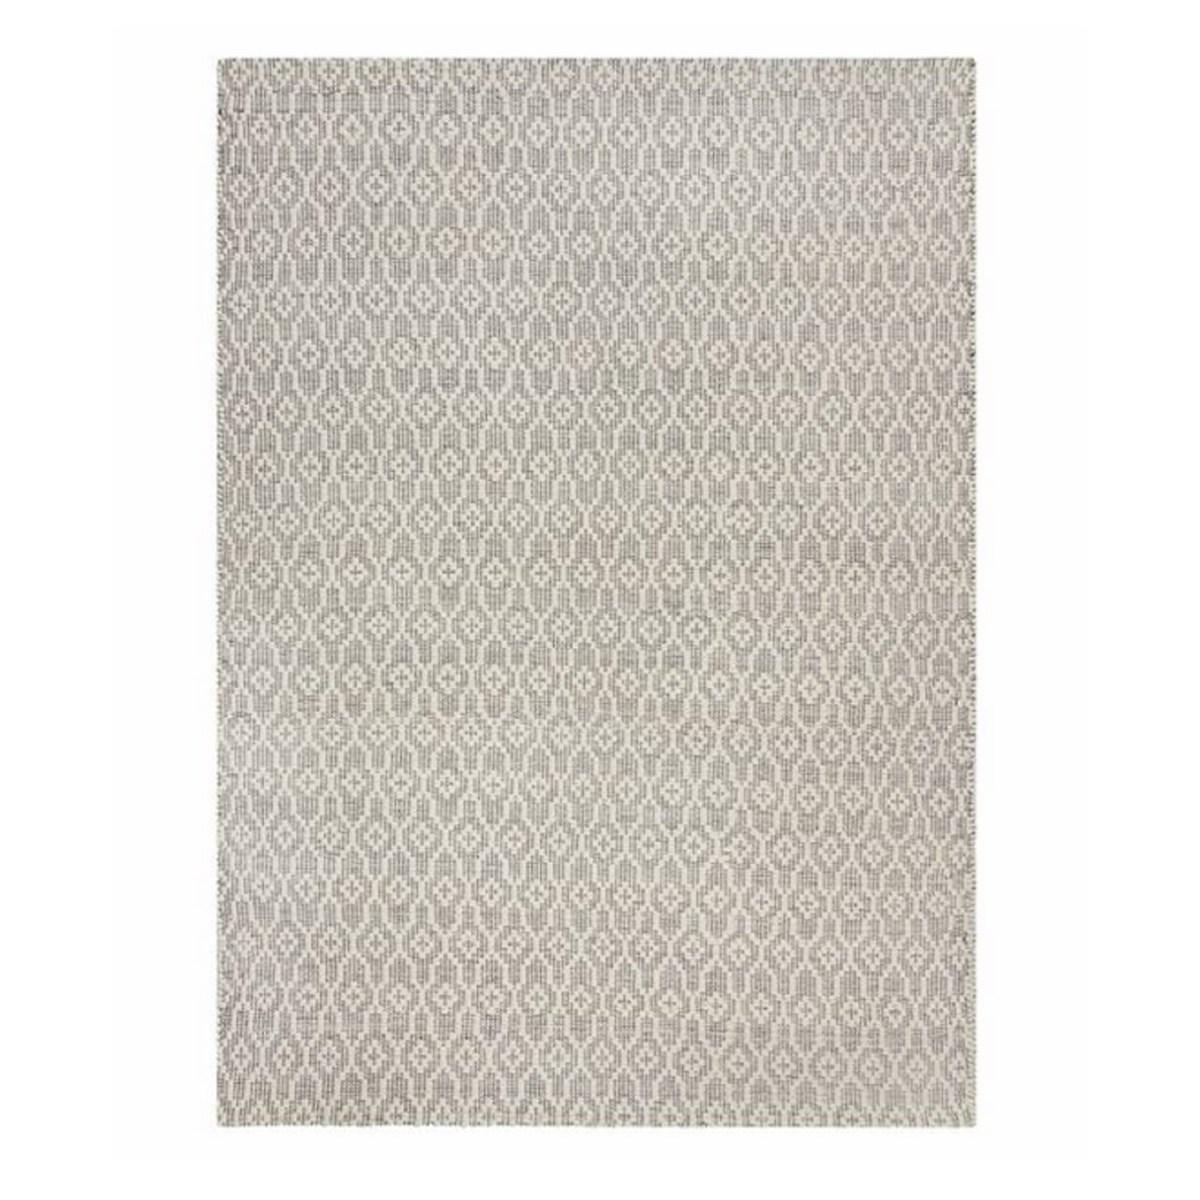 Tapis en laine en Laine Beige gris 160x230 cm